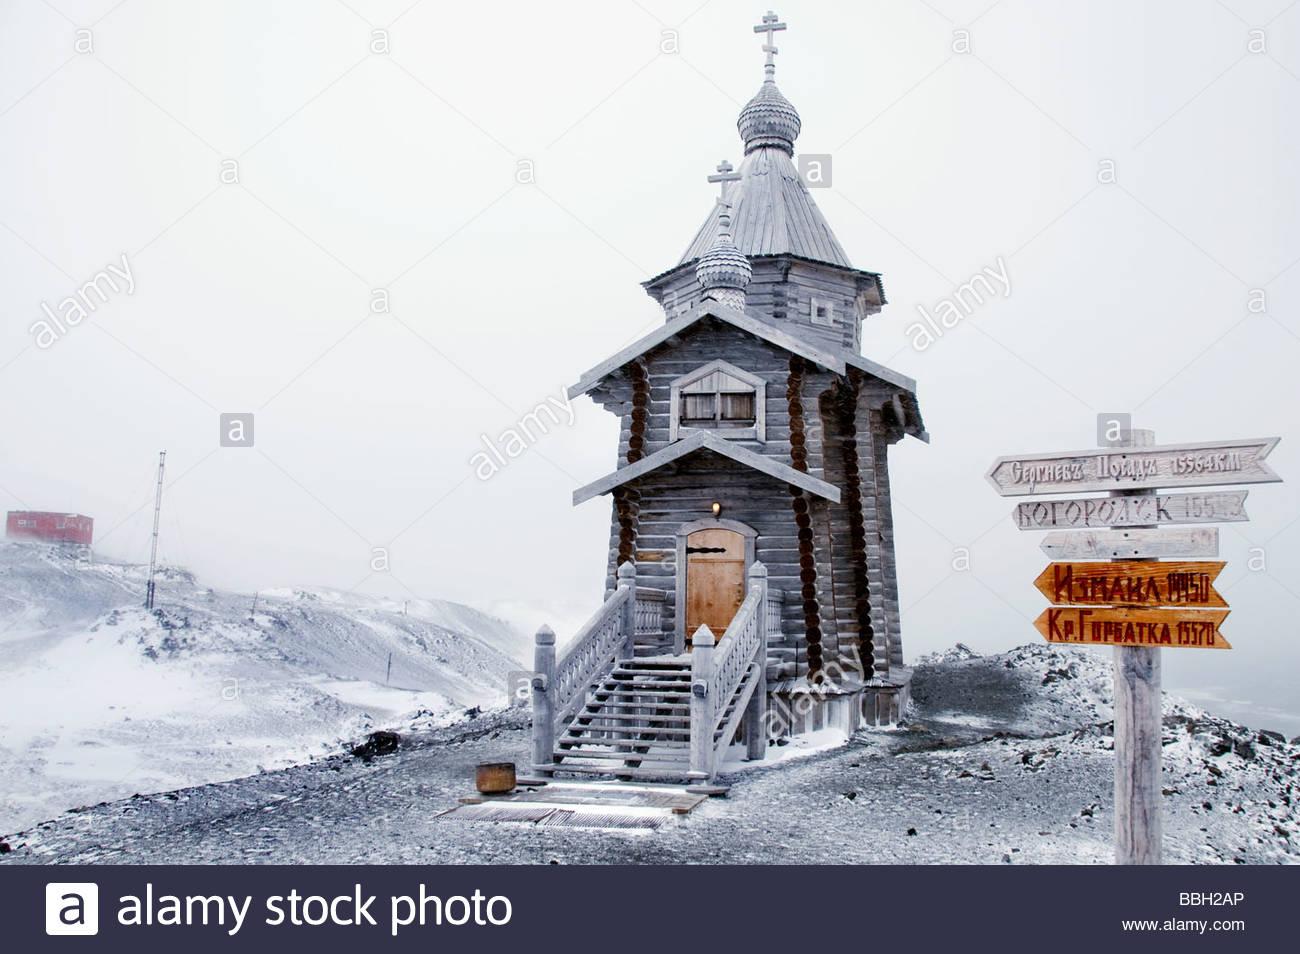 La Iglesia Ortodoxa Rusa, cerca de la estación Bellingshausen en la Isla  Rey Jorge, cerca de la Antártida